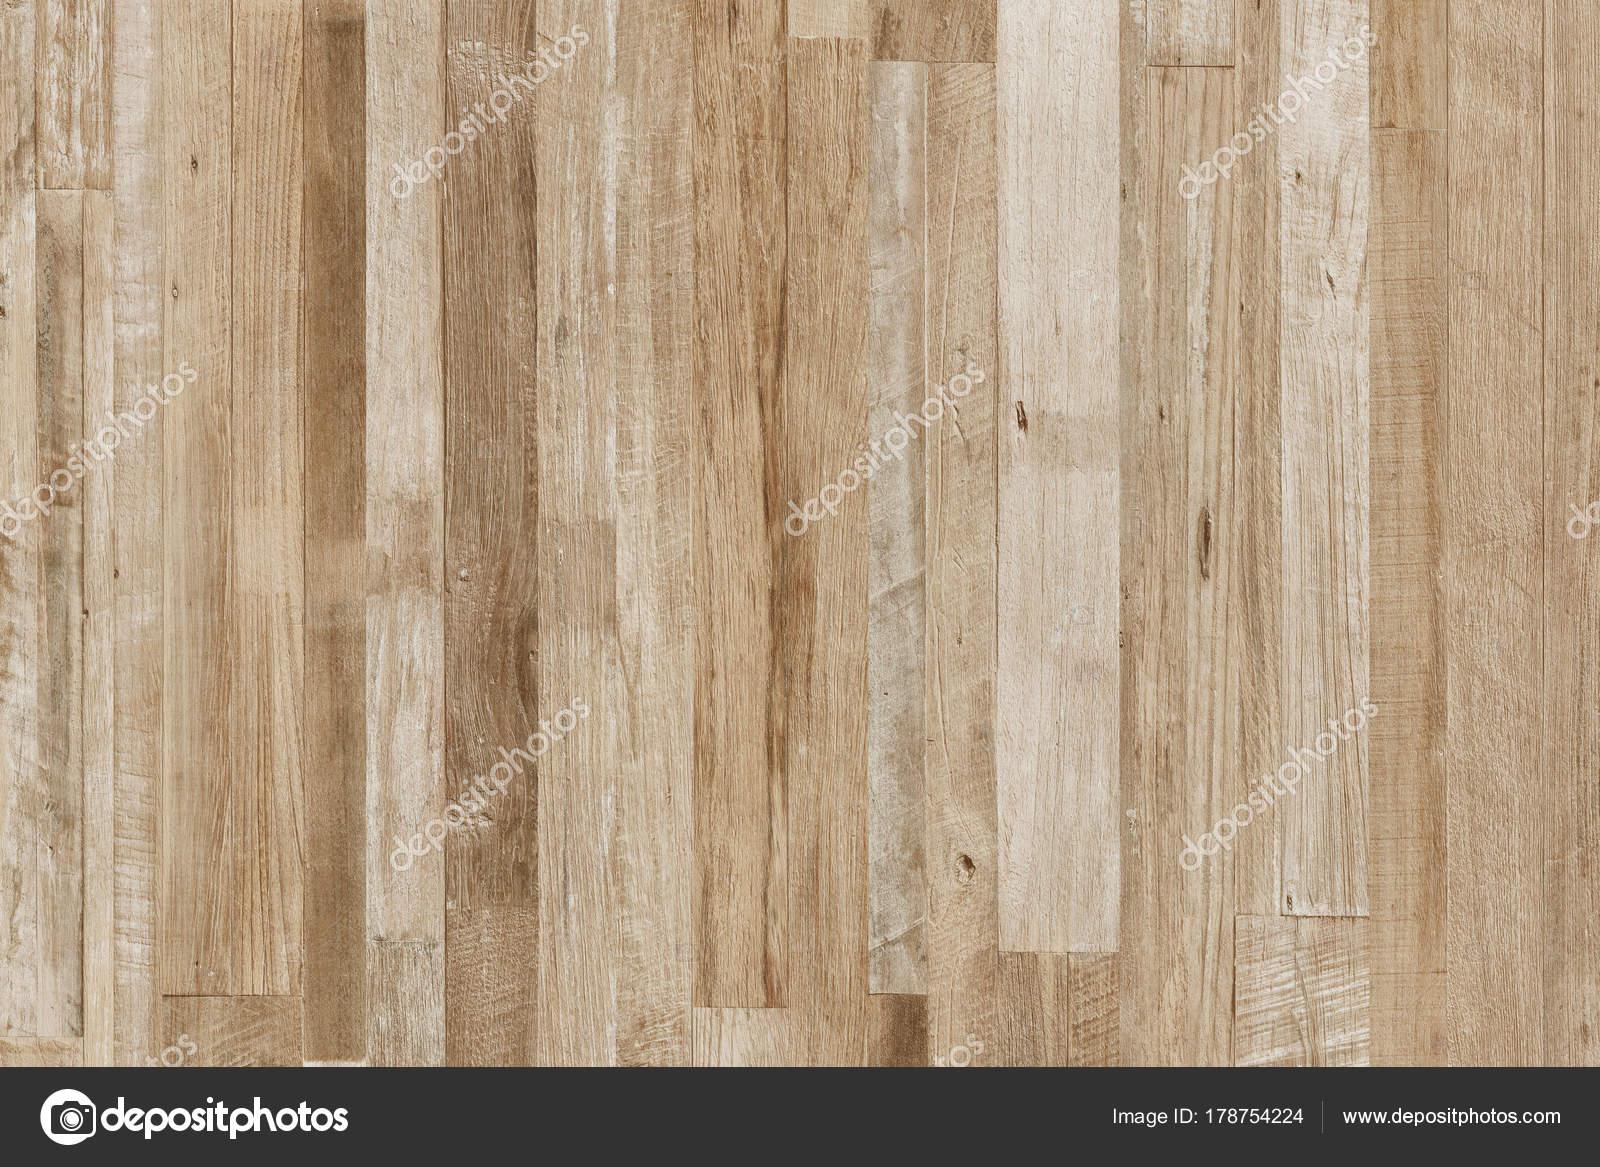 Holz-Wand, gemischte Arten Holz Bodenbelag Muster für ...